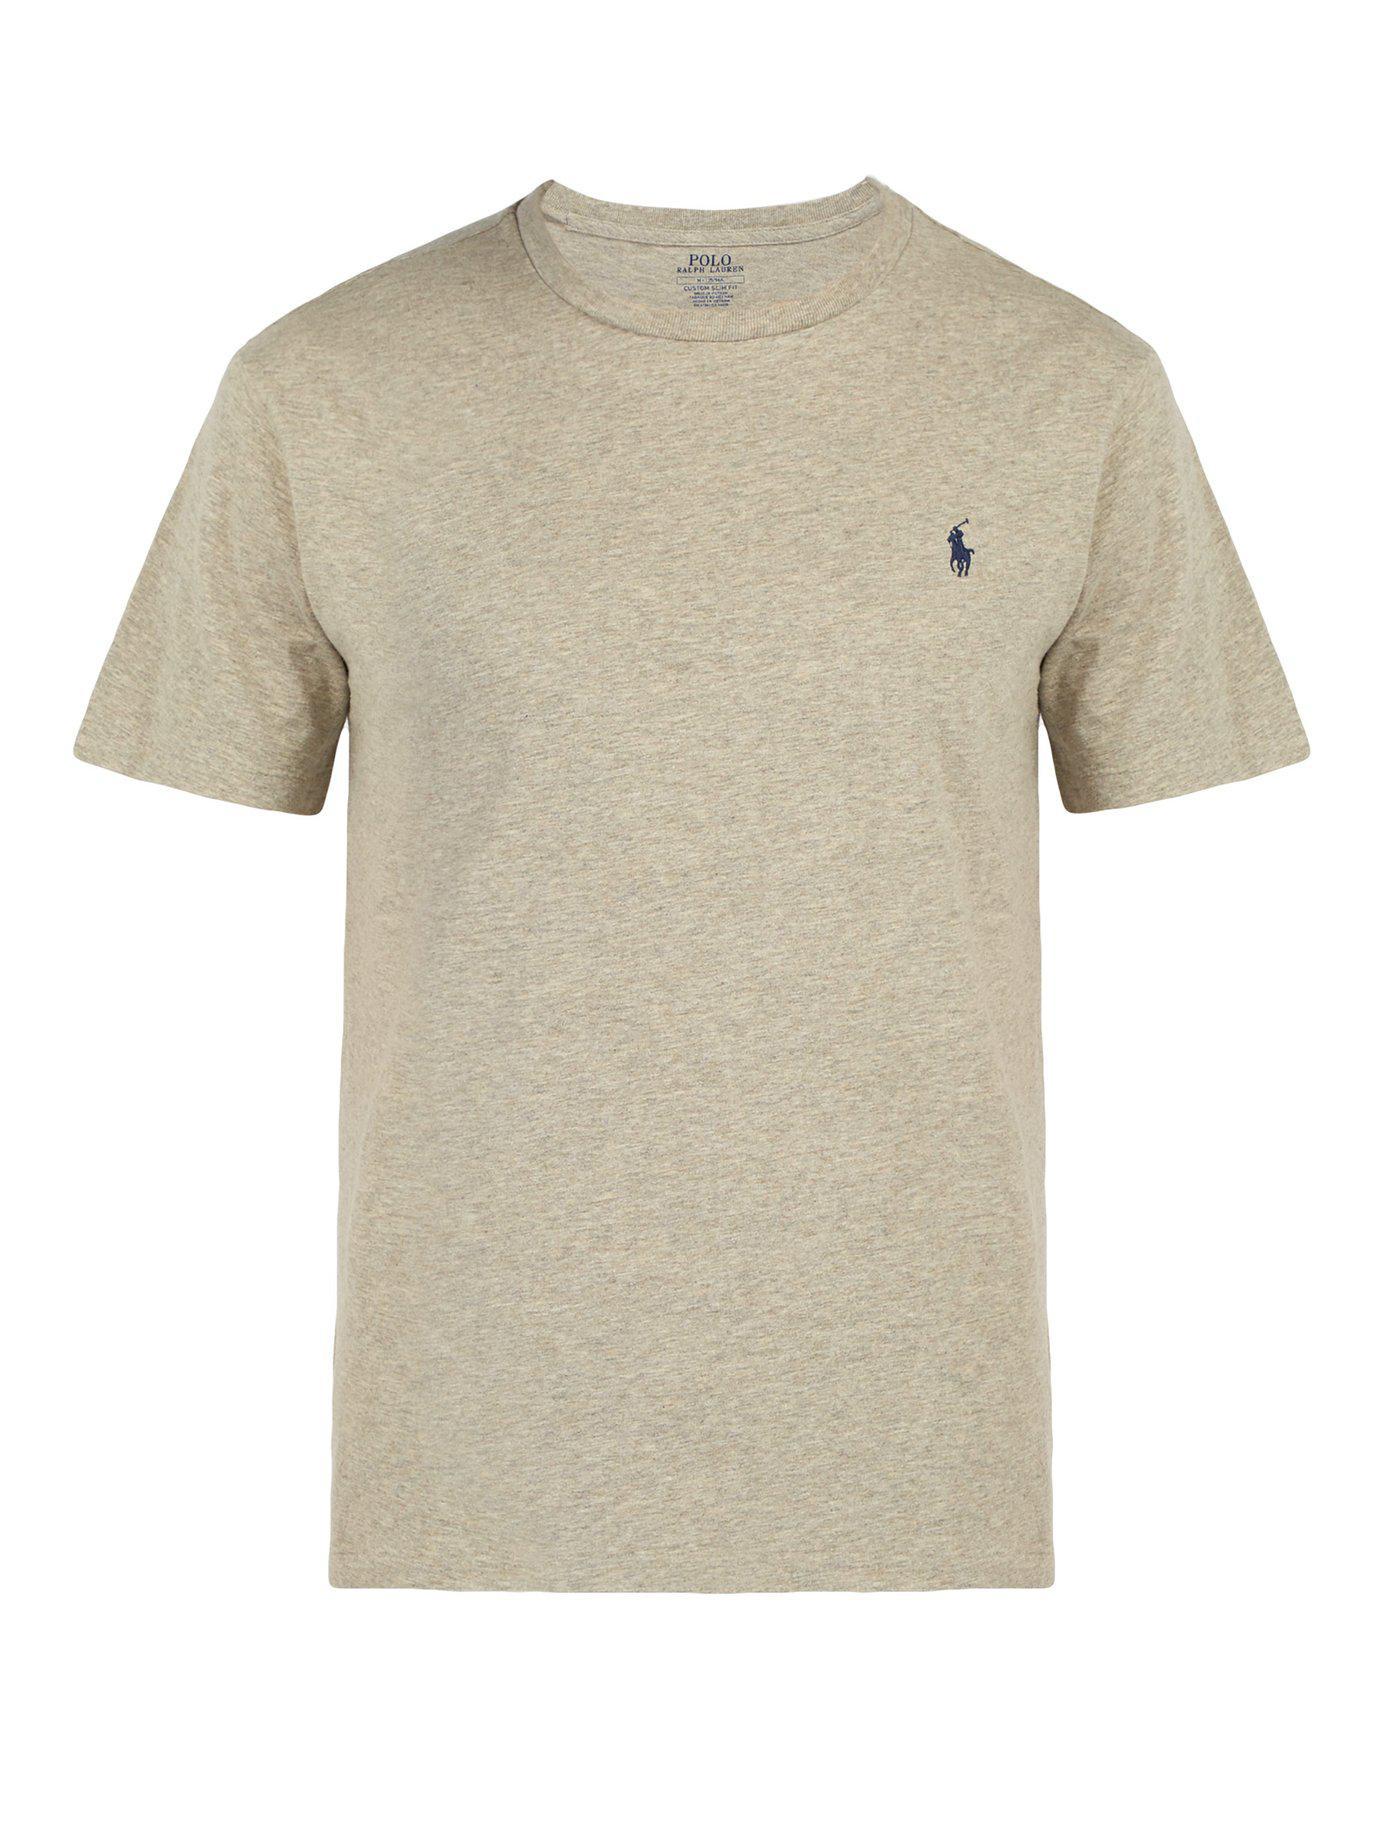 18de8b50 Polo Ralph Lauren - Gray Logo Embroidered Cotton Jersey T Shirt for Men -  Lyst. View fullscreen